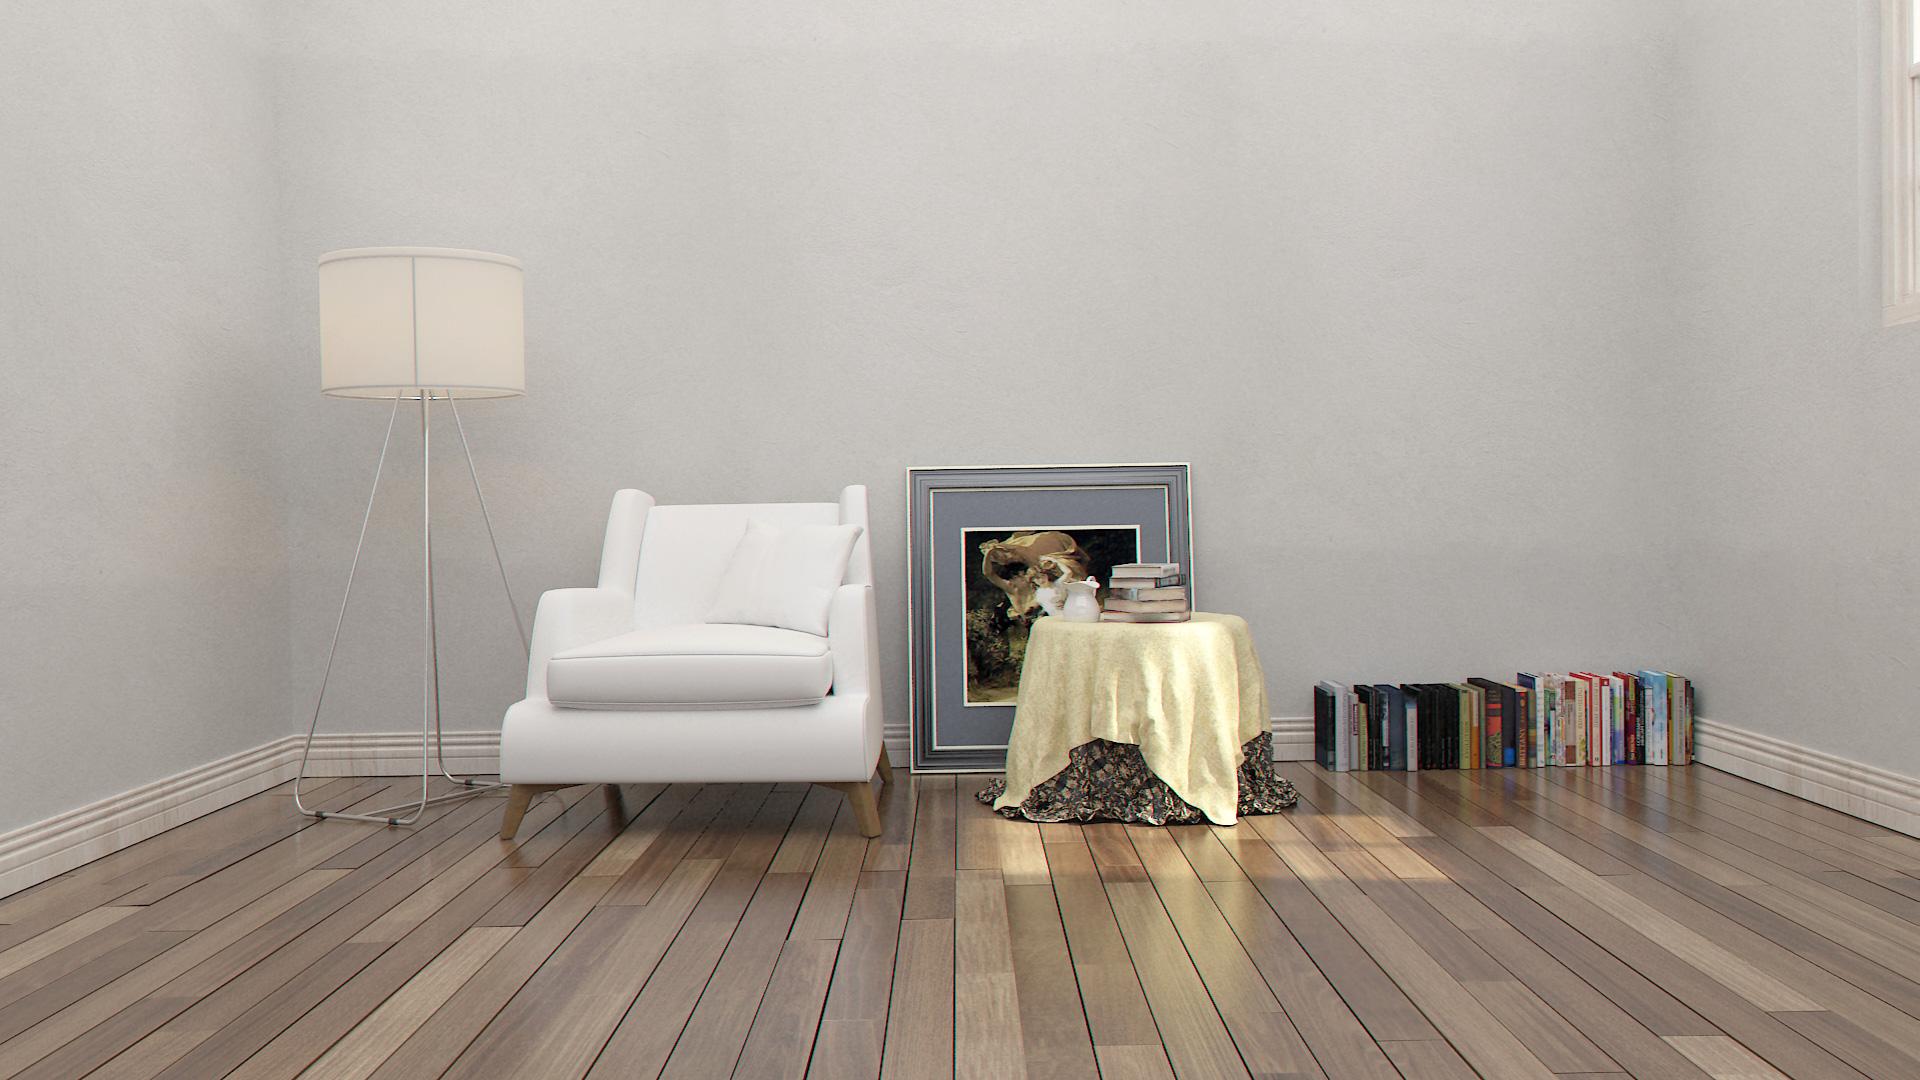 室内场景小练习|三维|建筑/空间|v巴大 - 原创作品